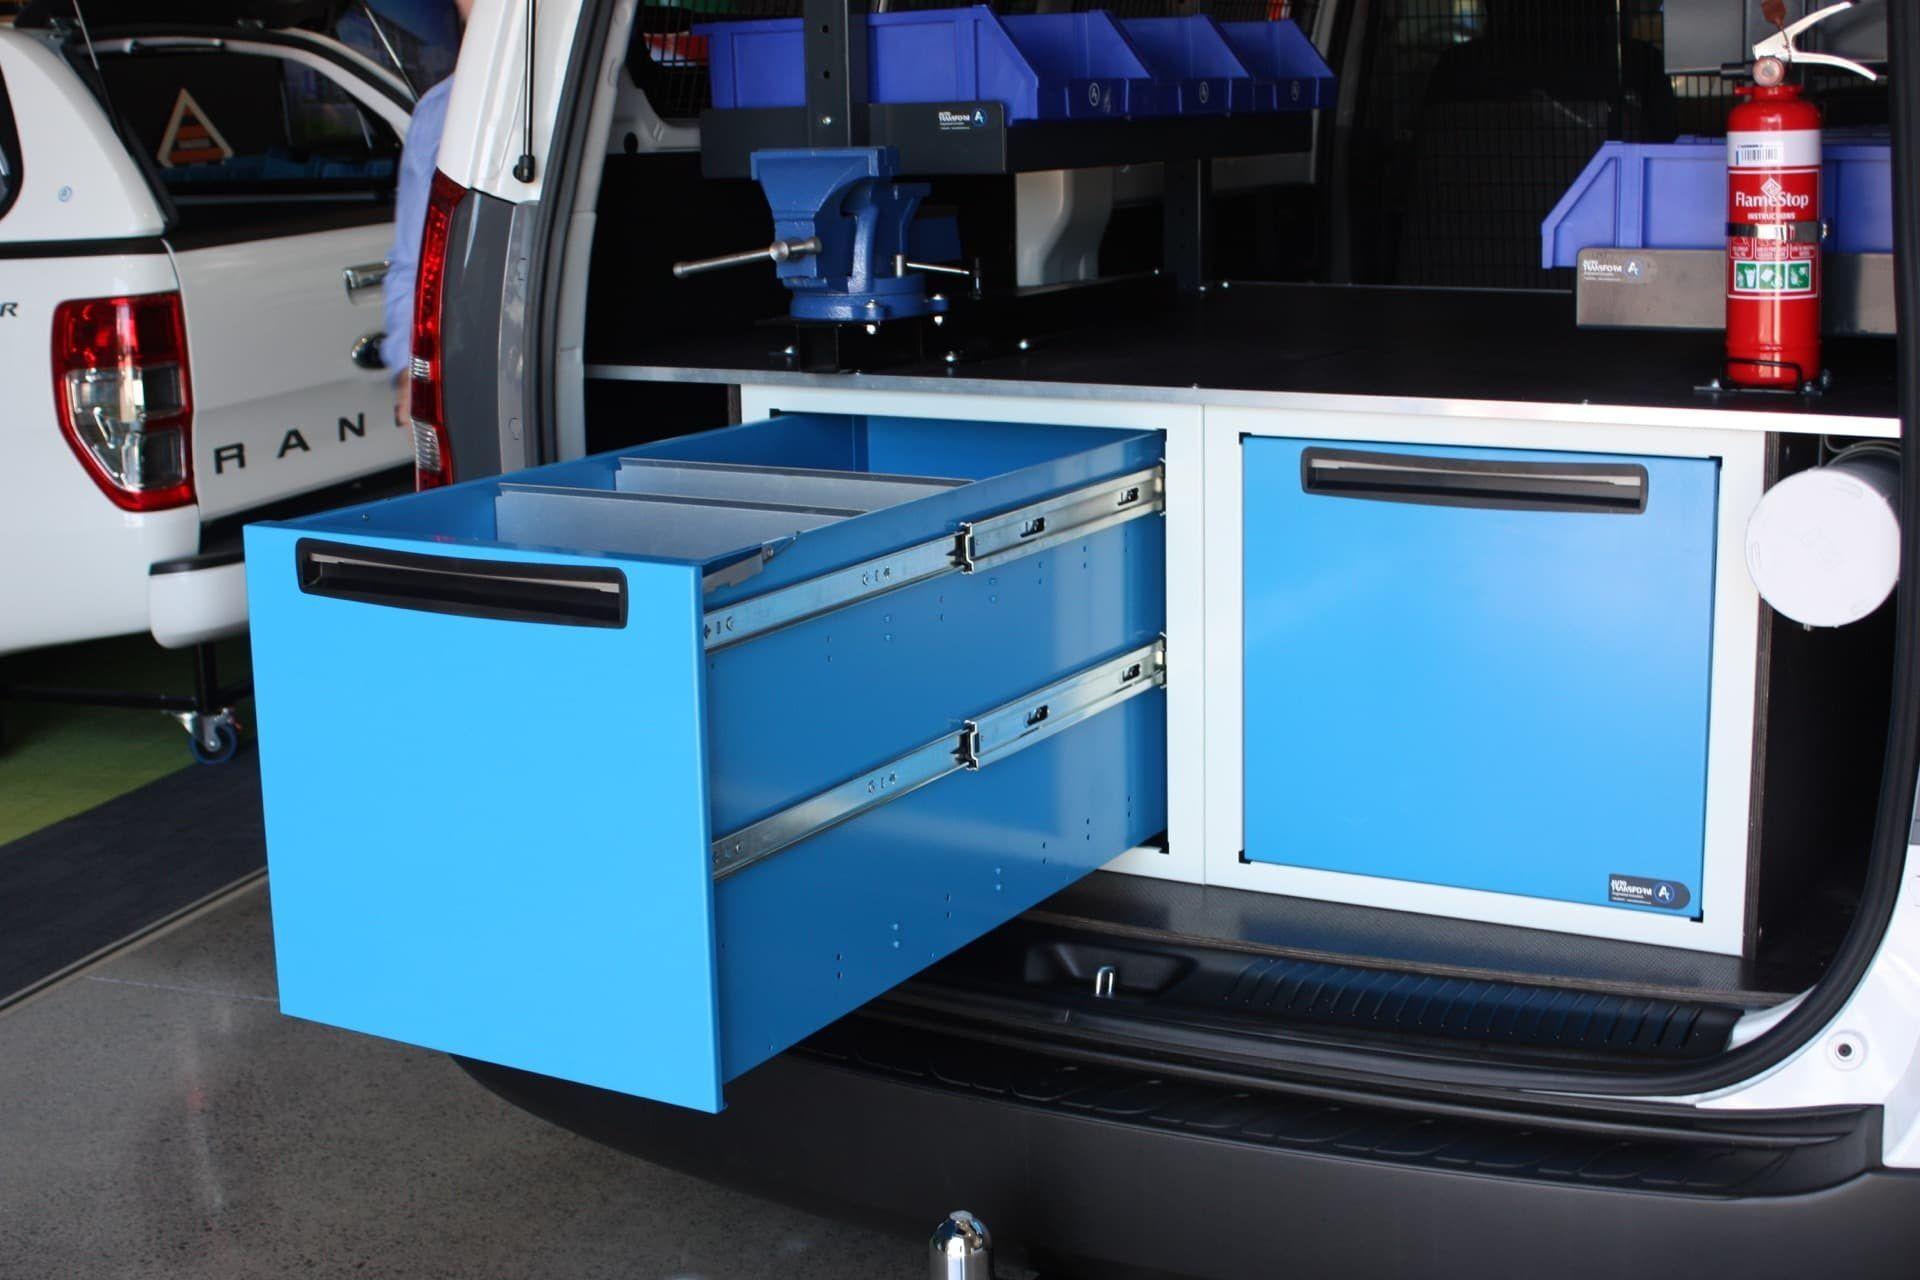 Bin drawer storage system in vehicle